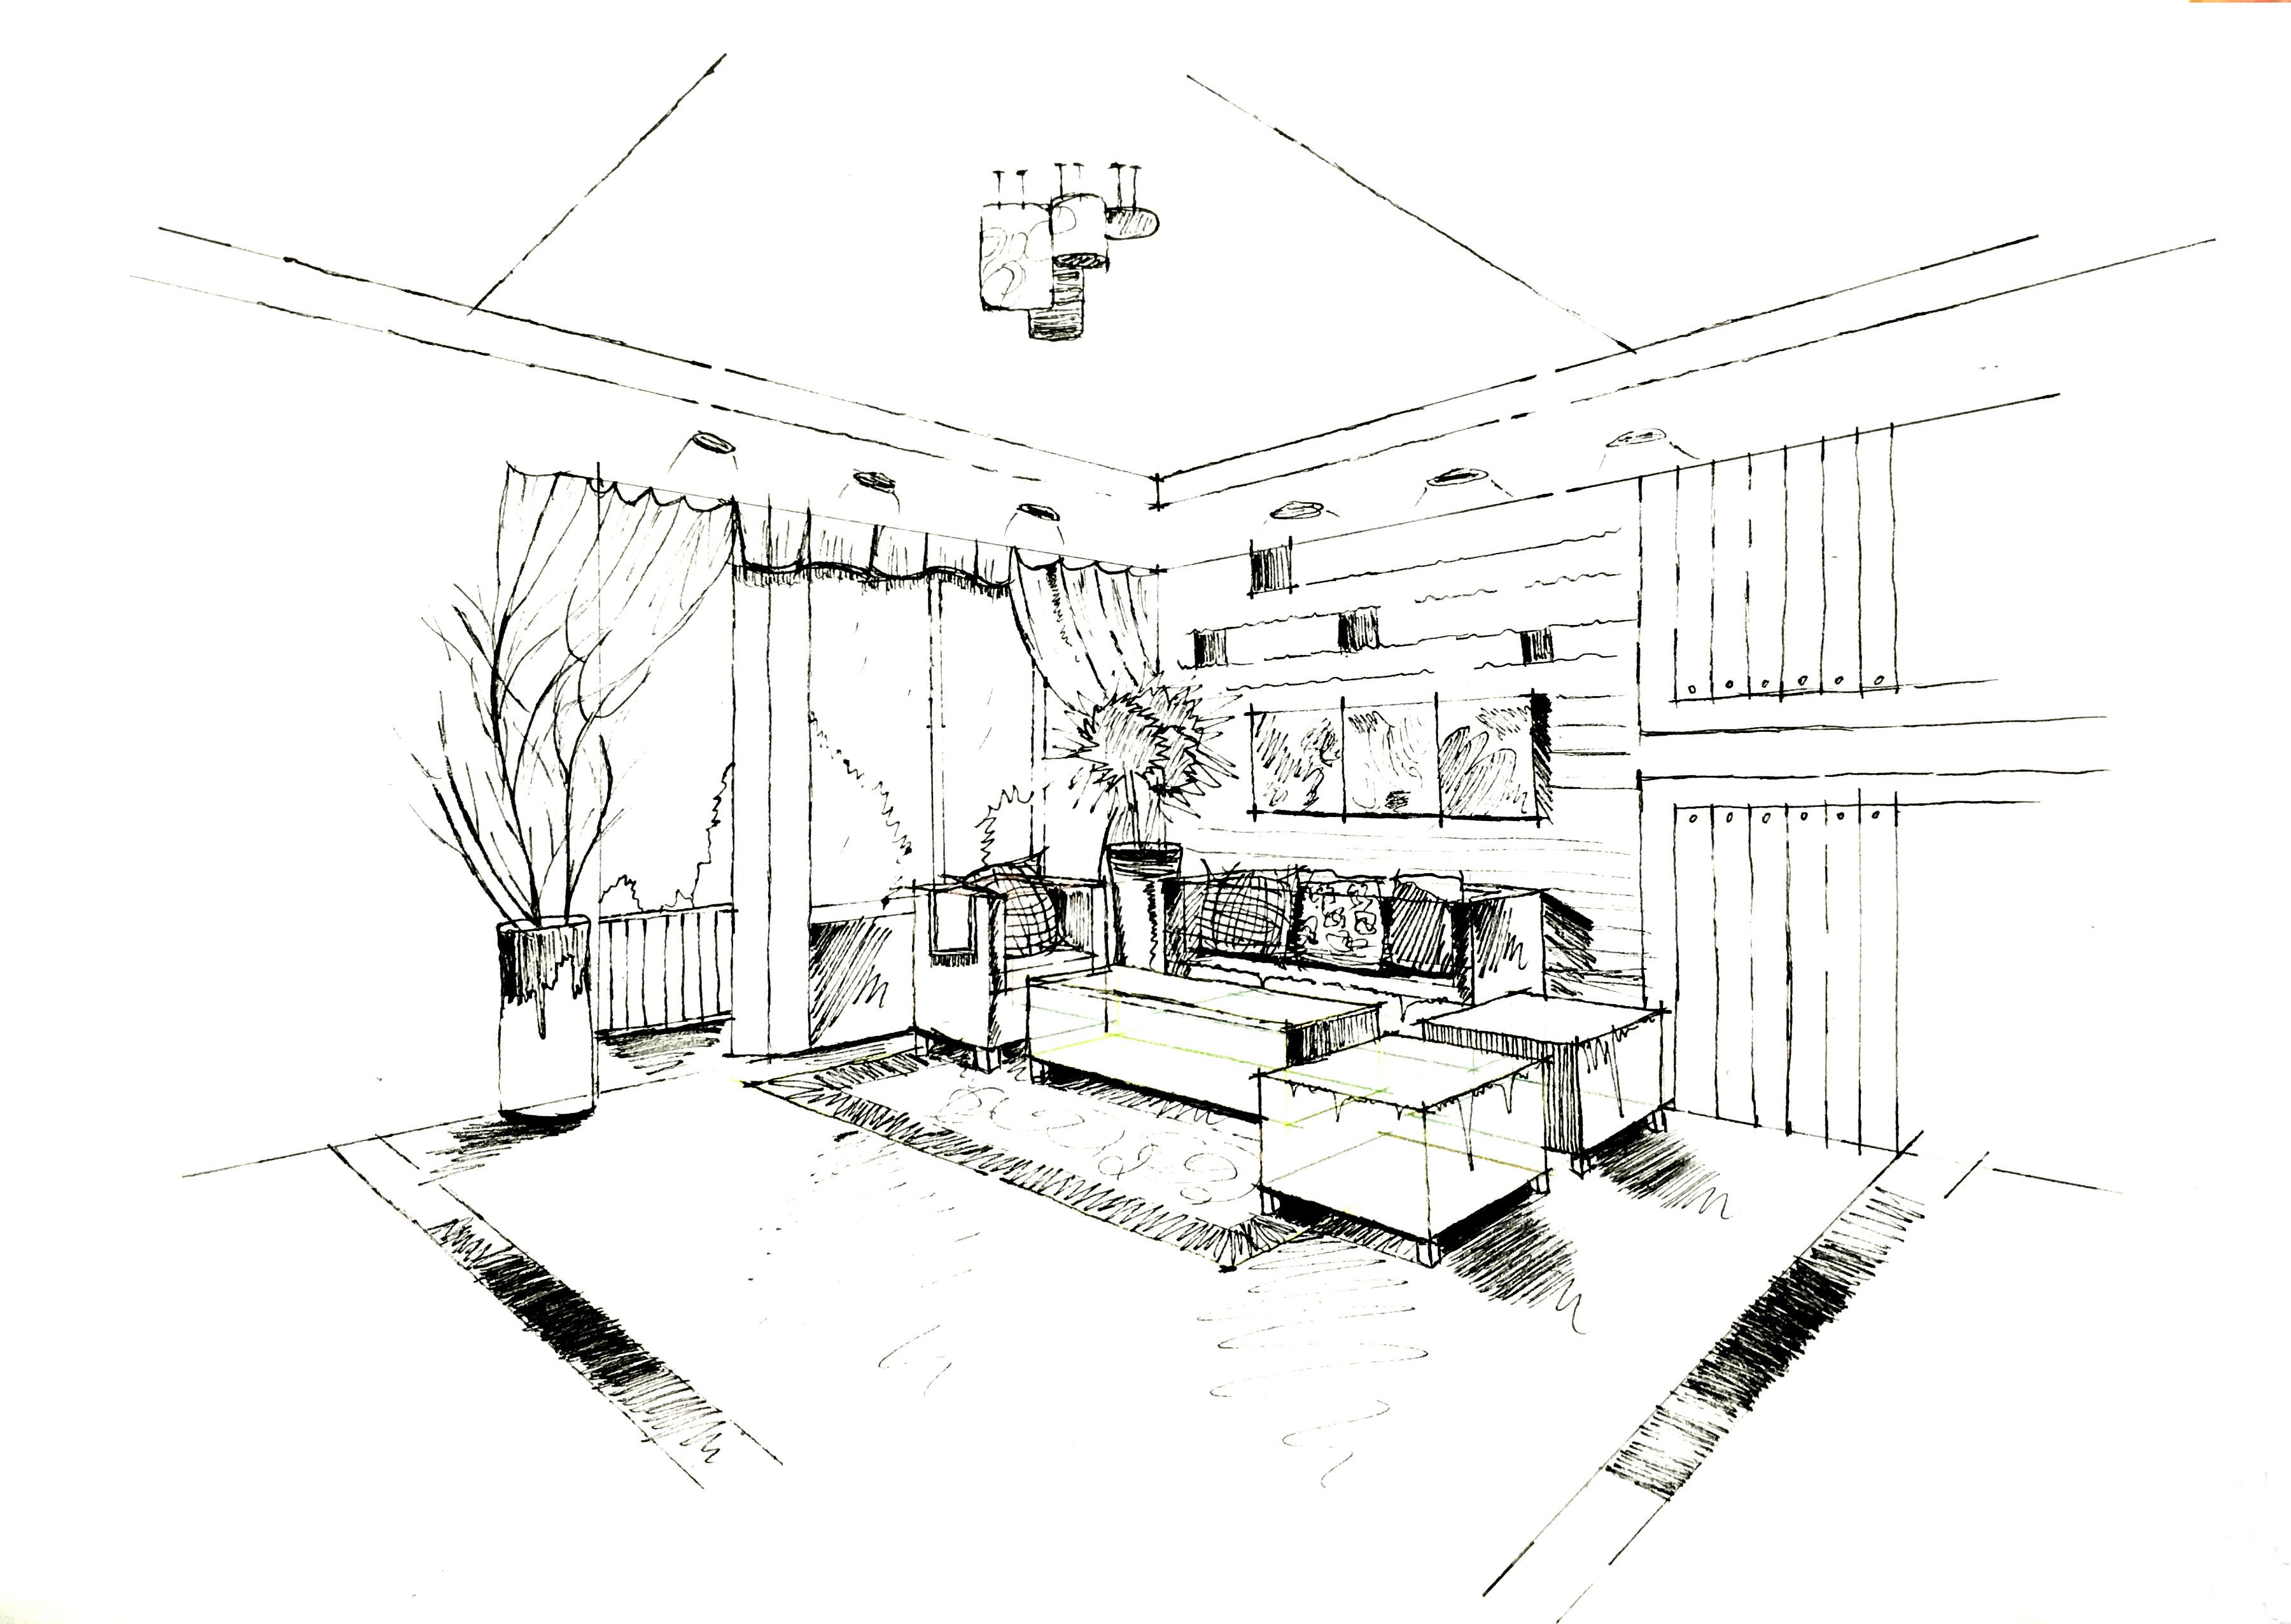 手绘|空间|室内设计|阿力特 - 原创作品 - 站酷